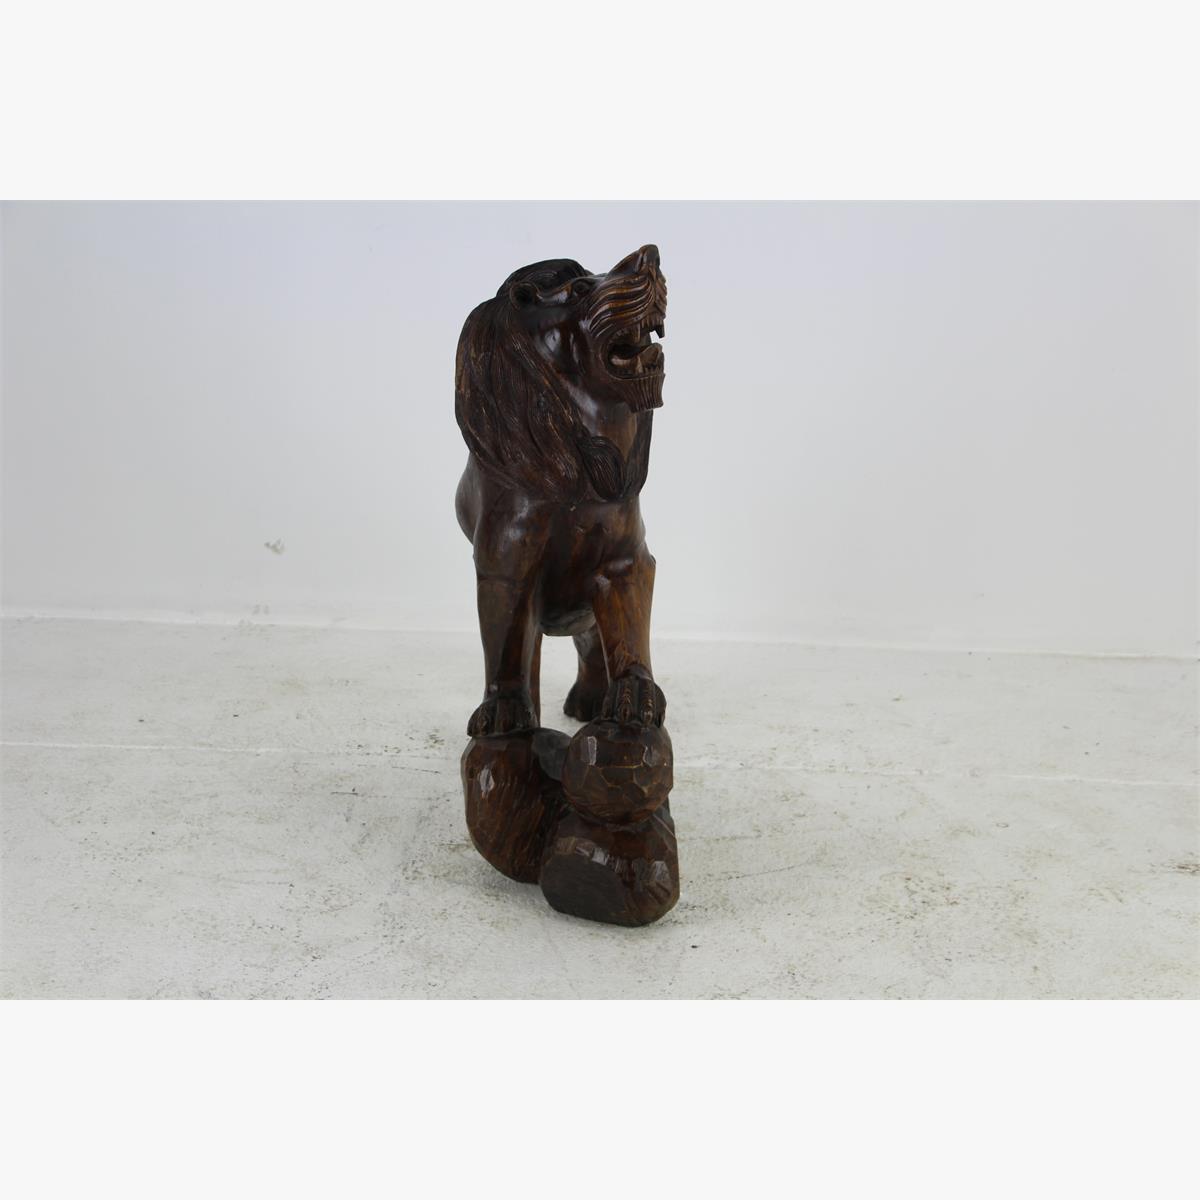 Afbeeldingen van houten beeld leeuw